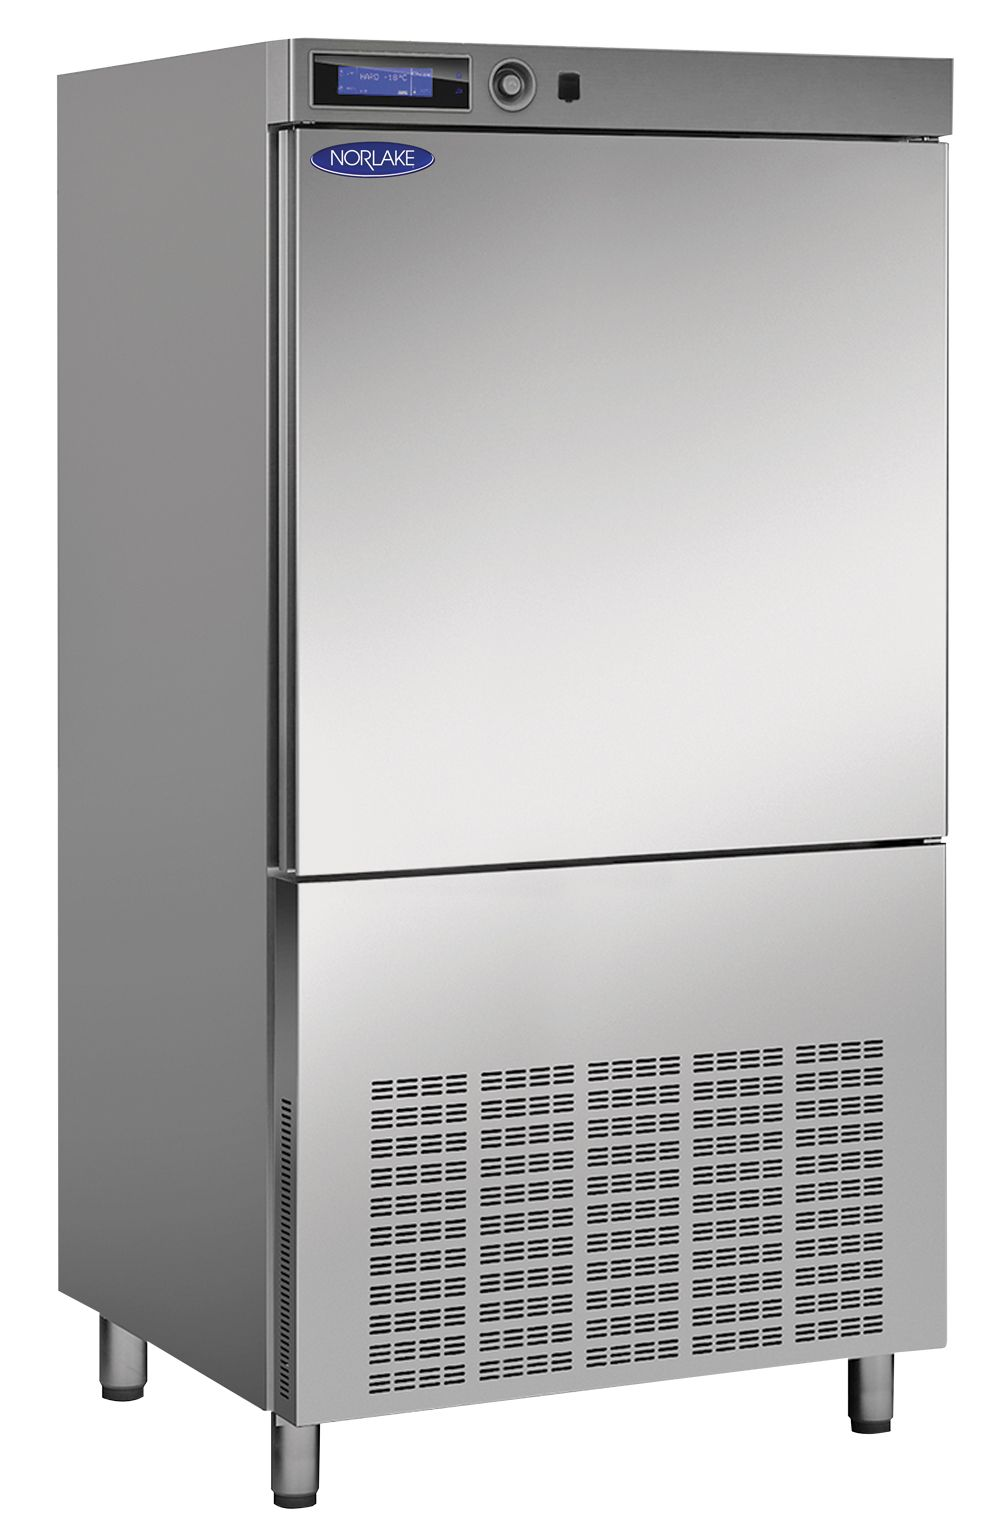 NorLake Nova Blast Chiller Freezer, ReachIn NBC11316A